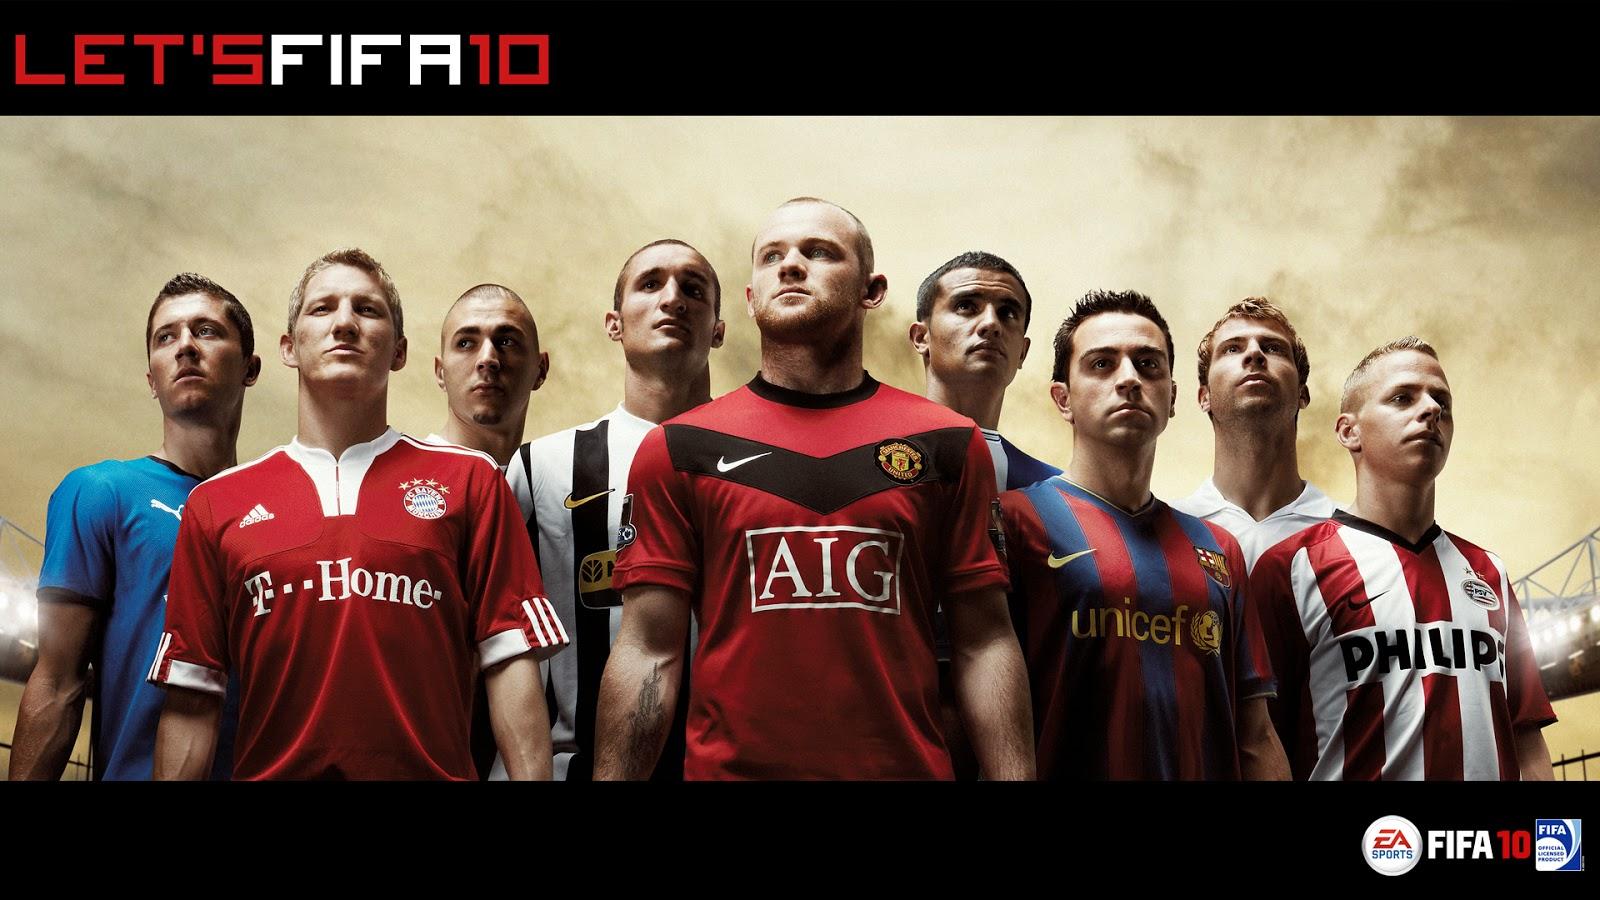 Killzone Shadow Fall Wallpaper 1080p Wallpapers Hd Juegos Gamers Variados Assassin Creed